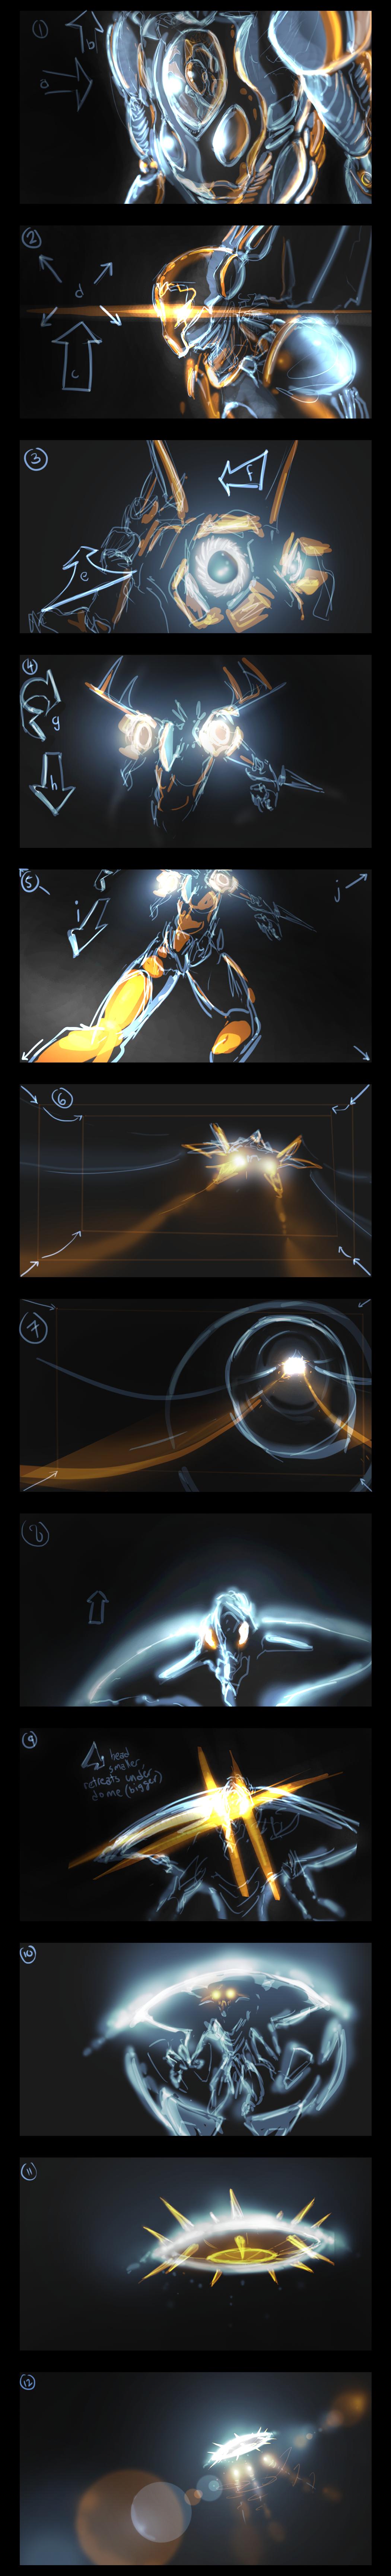 spaceFIGHTstoryboardSTRIP by war-machine